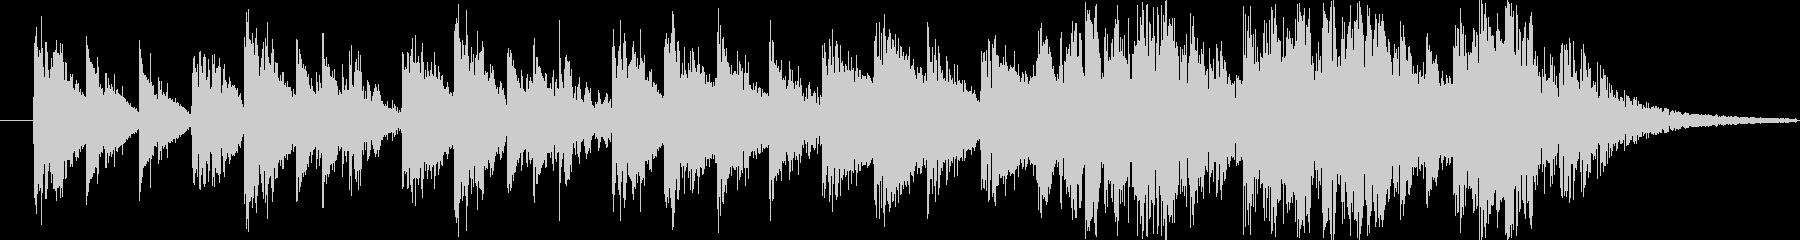 のびのび緩やか系で、印象的なコミカルな曲の未再生の波形